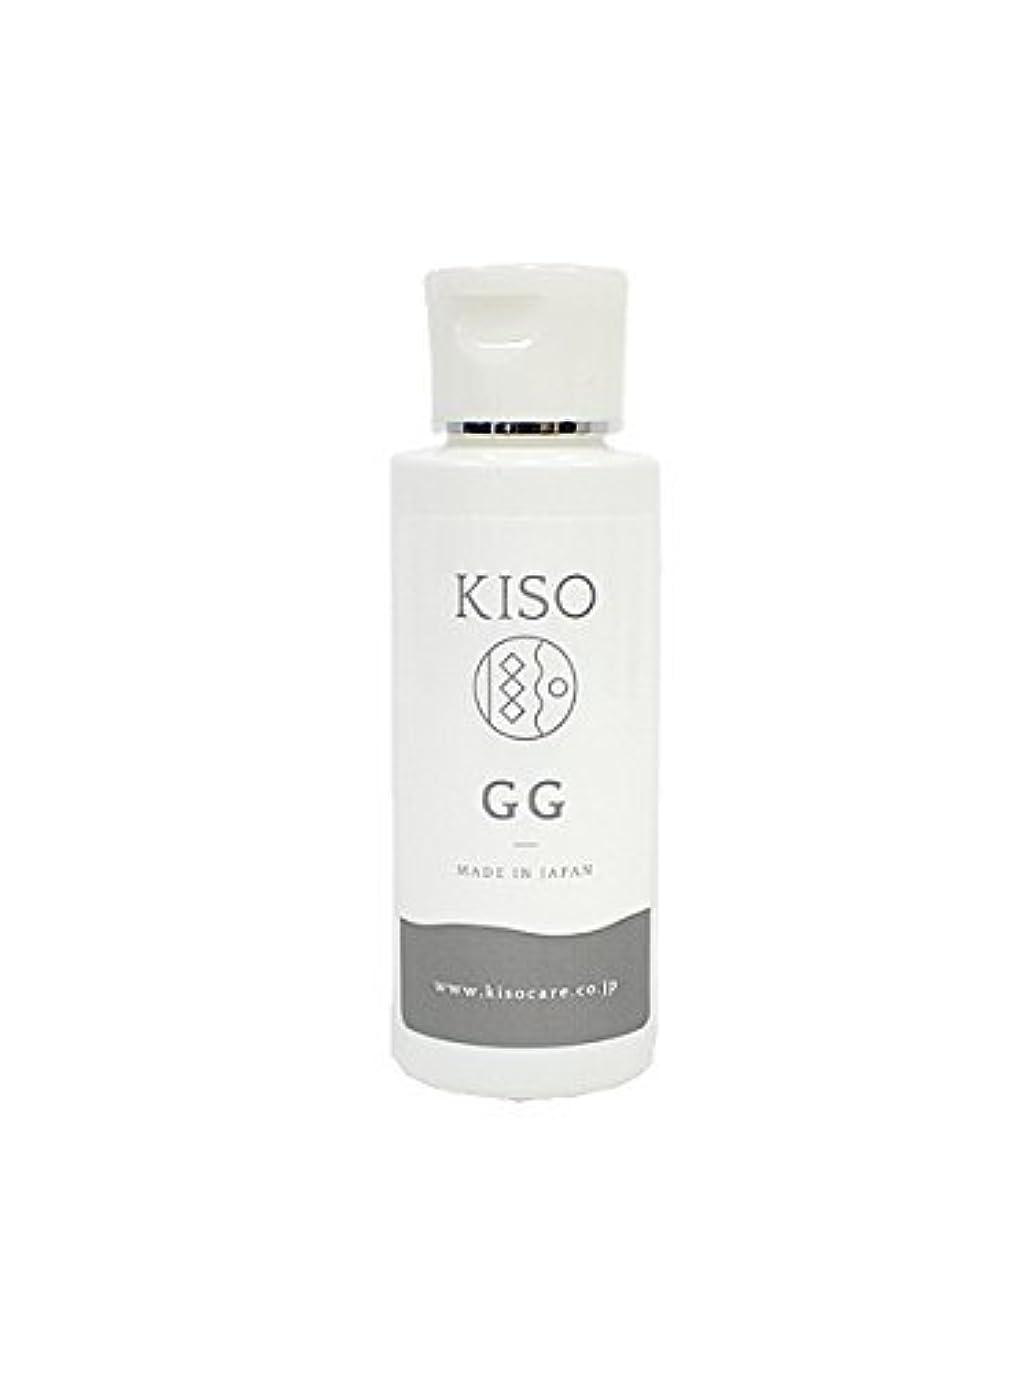 反射ラメ仮説KISO グリシルグリシン5% 高配合美容水 【GGエッセンス 50mL】 肌のキメを整える?肌をひきしめる